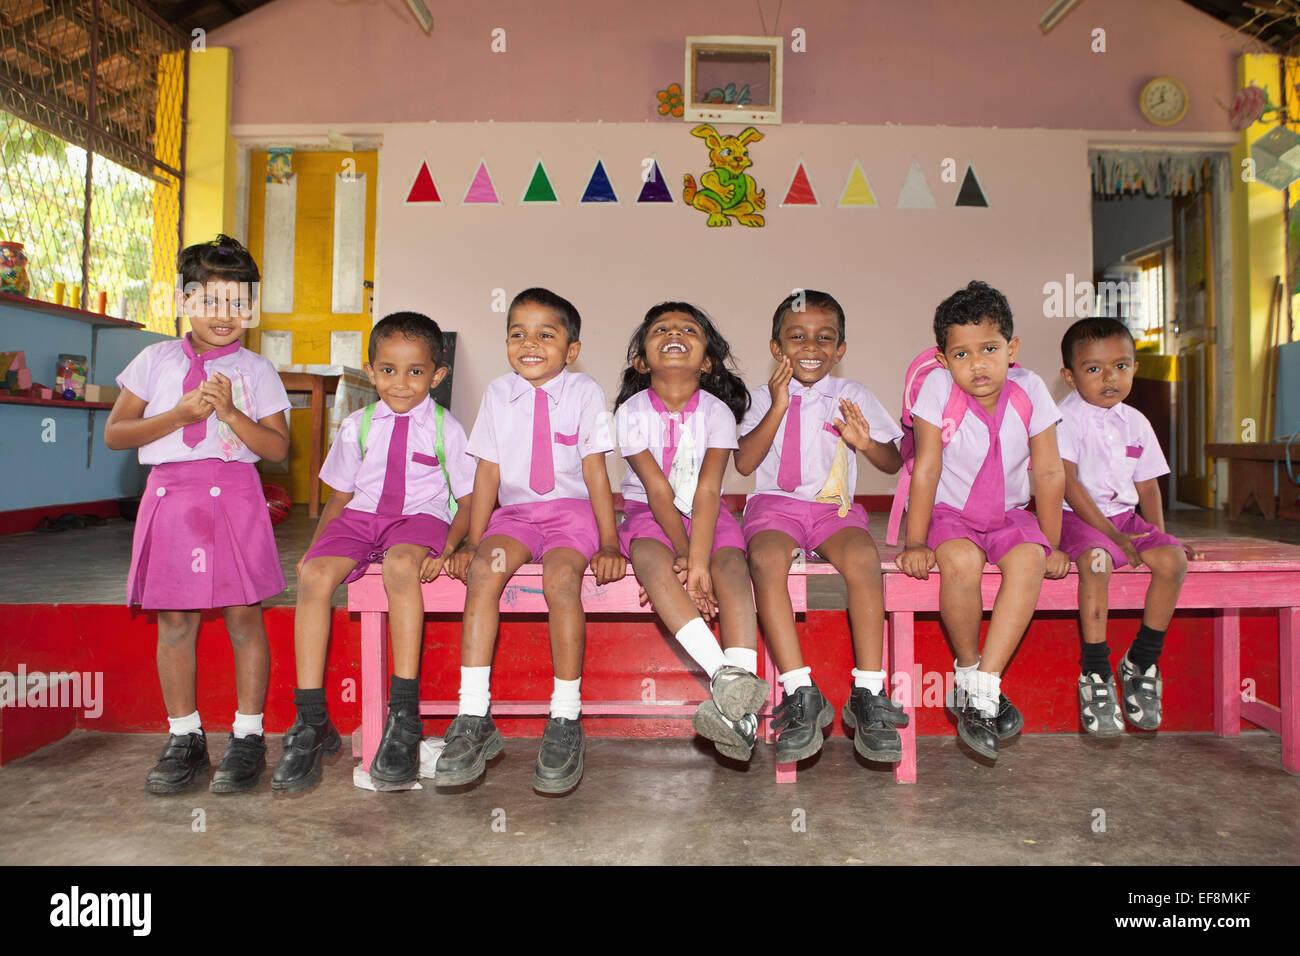 PRIMARY SCHOOL CHILDREN IN LOCAL SCHOOL - Stock Image